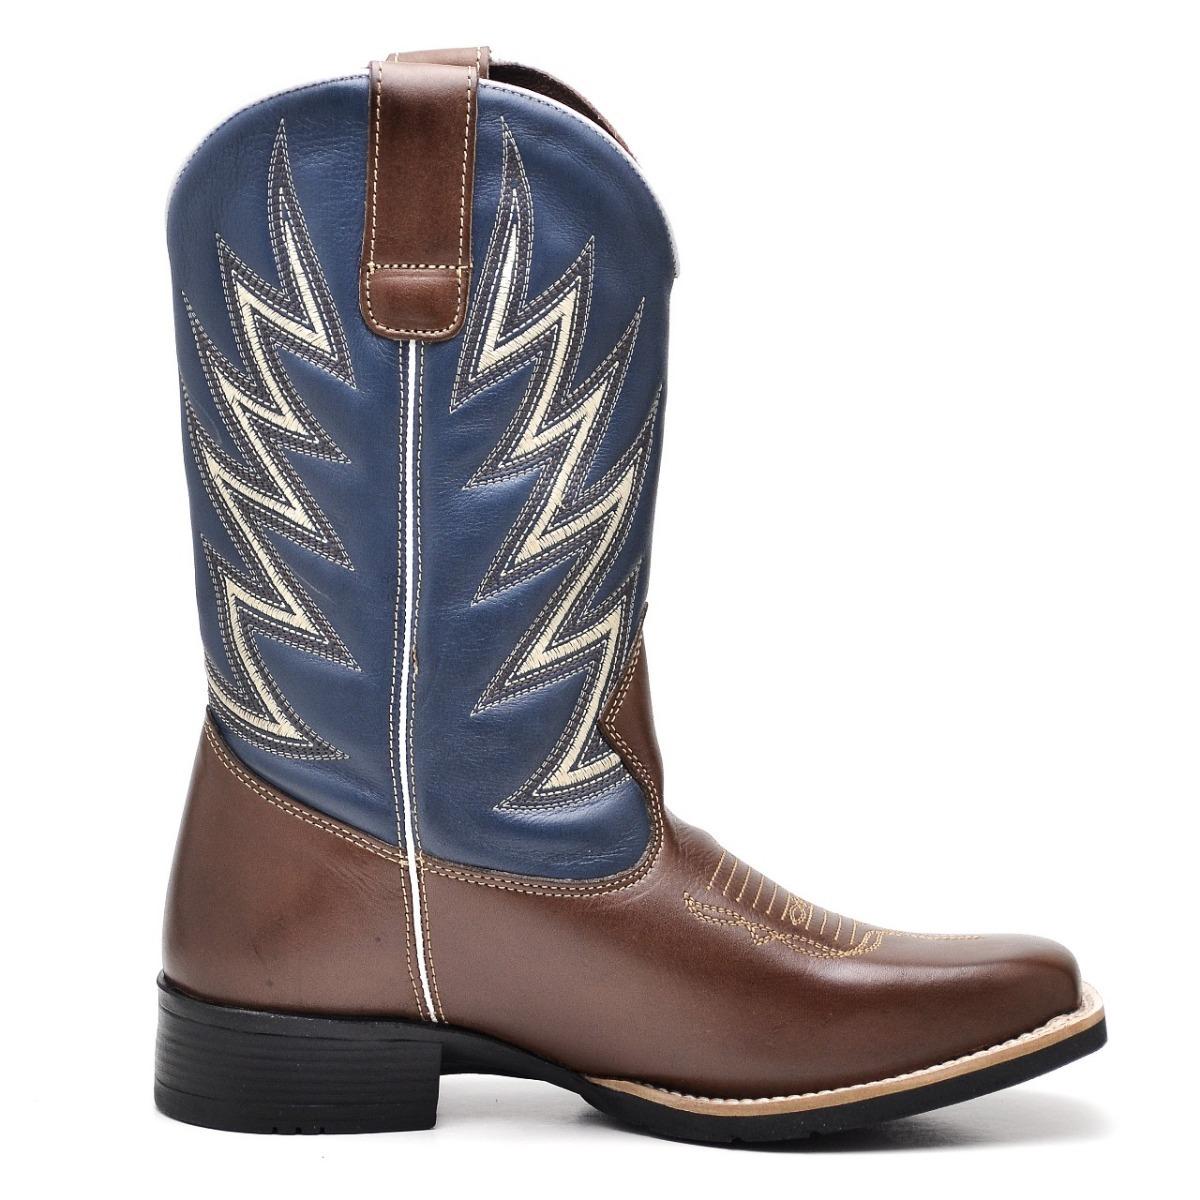 2ed7c9b17d bota country texana masculina bico quadrado couro. Carregando zoom.